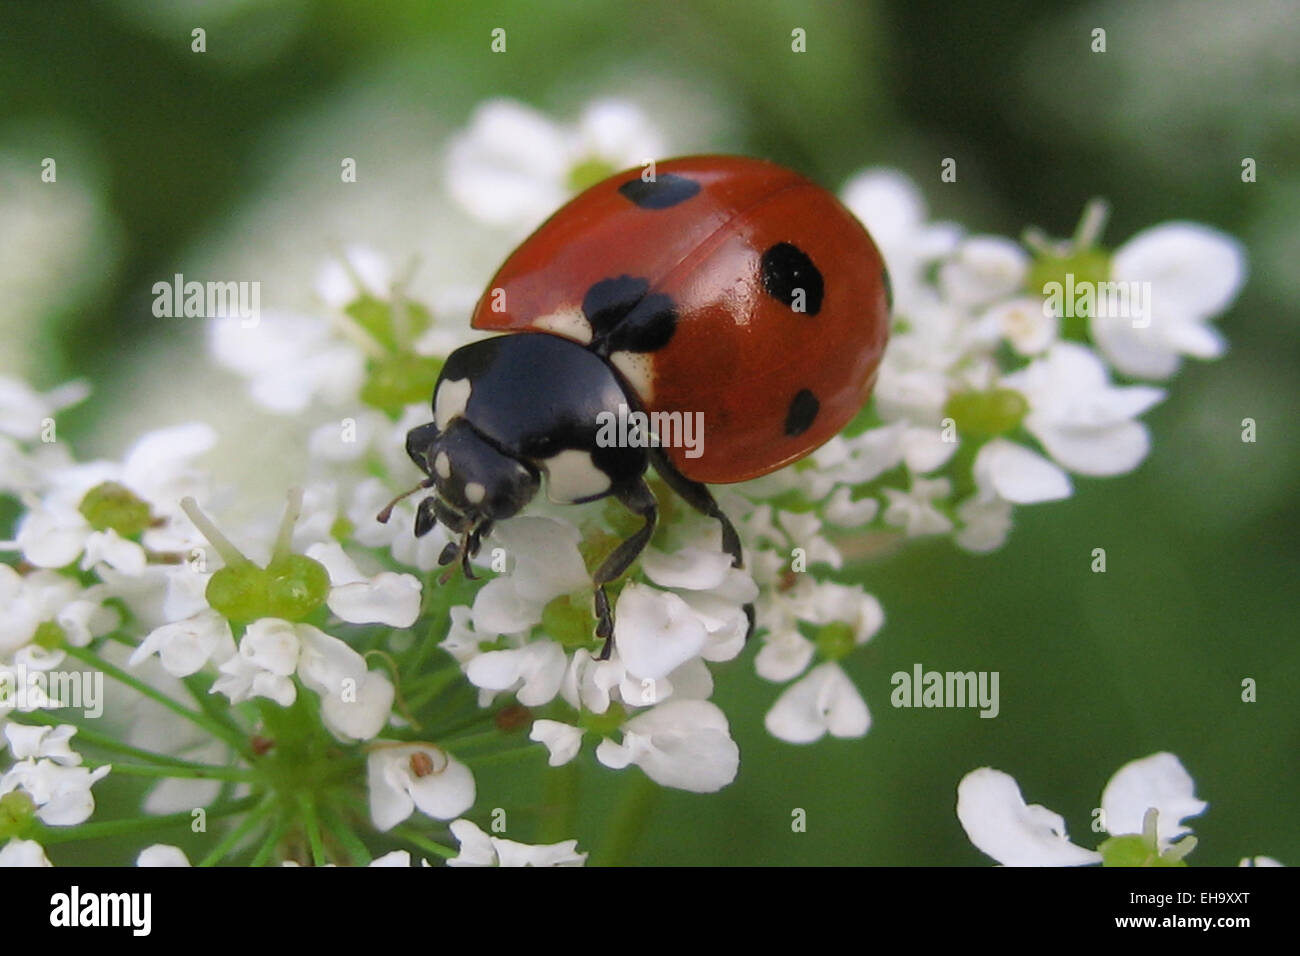 Nahaufnahme Von Marienkäfer Auf Weiße Blume In Der Natur Stockfoto